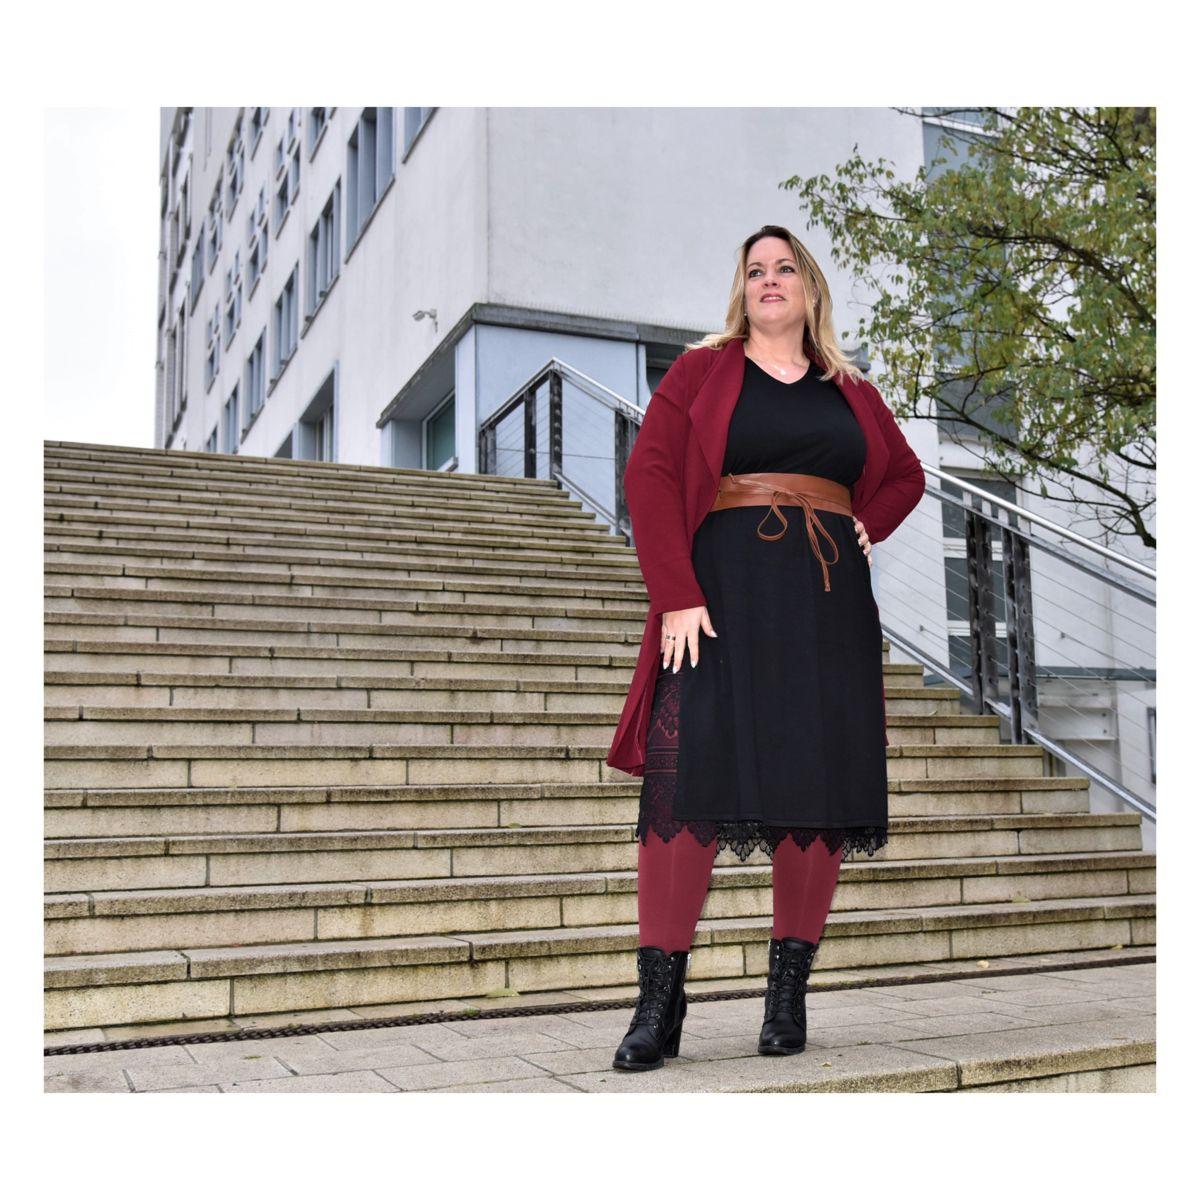 |Werbung| Plus Size Fashion, Ulla Popken Curvy Fashion ...